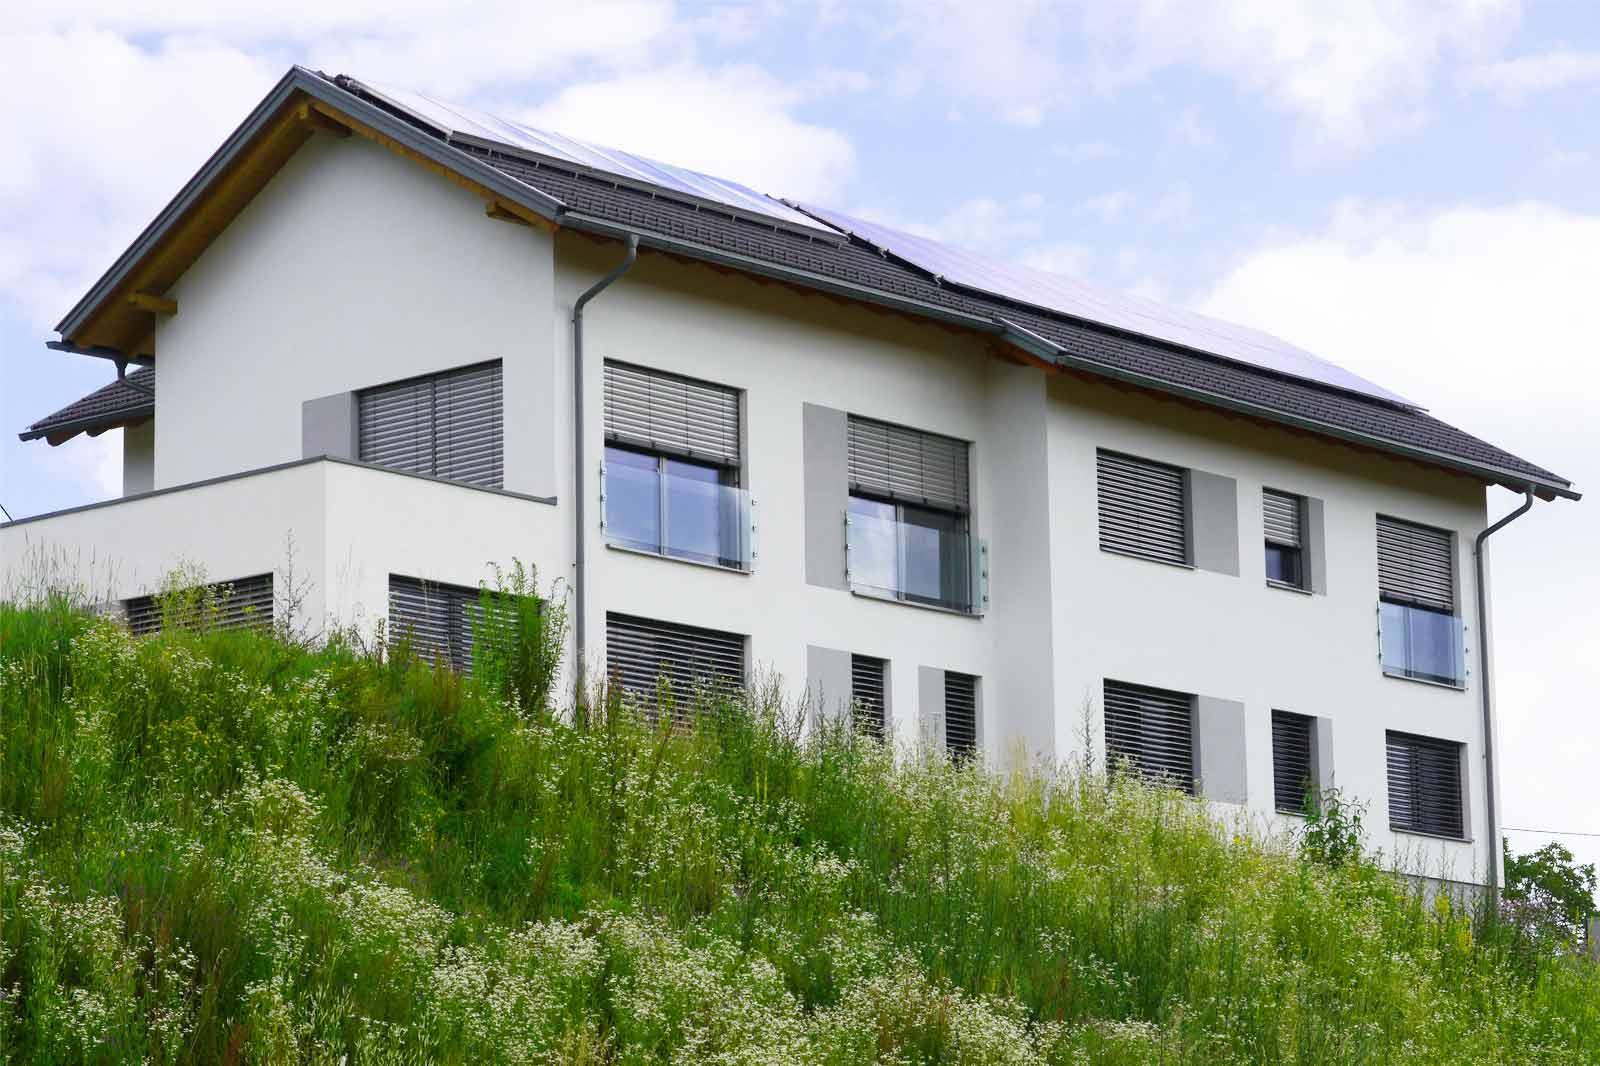 Zweifamilienhaus auf Grashügel mit Solaranlage und Photovoltaik am Dach